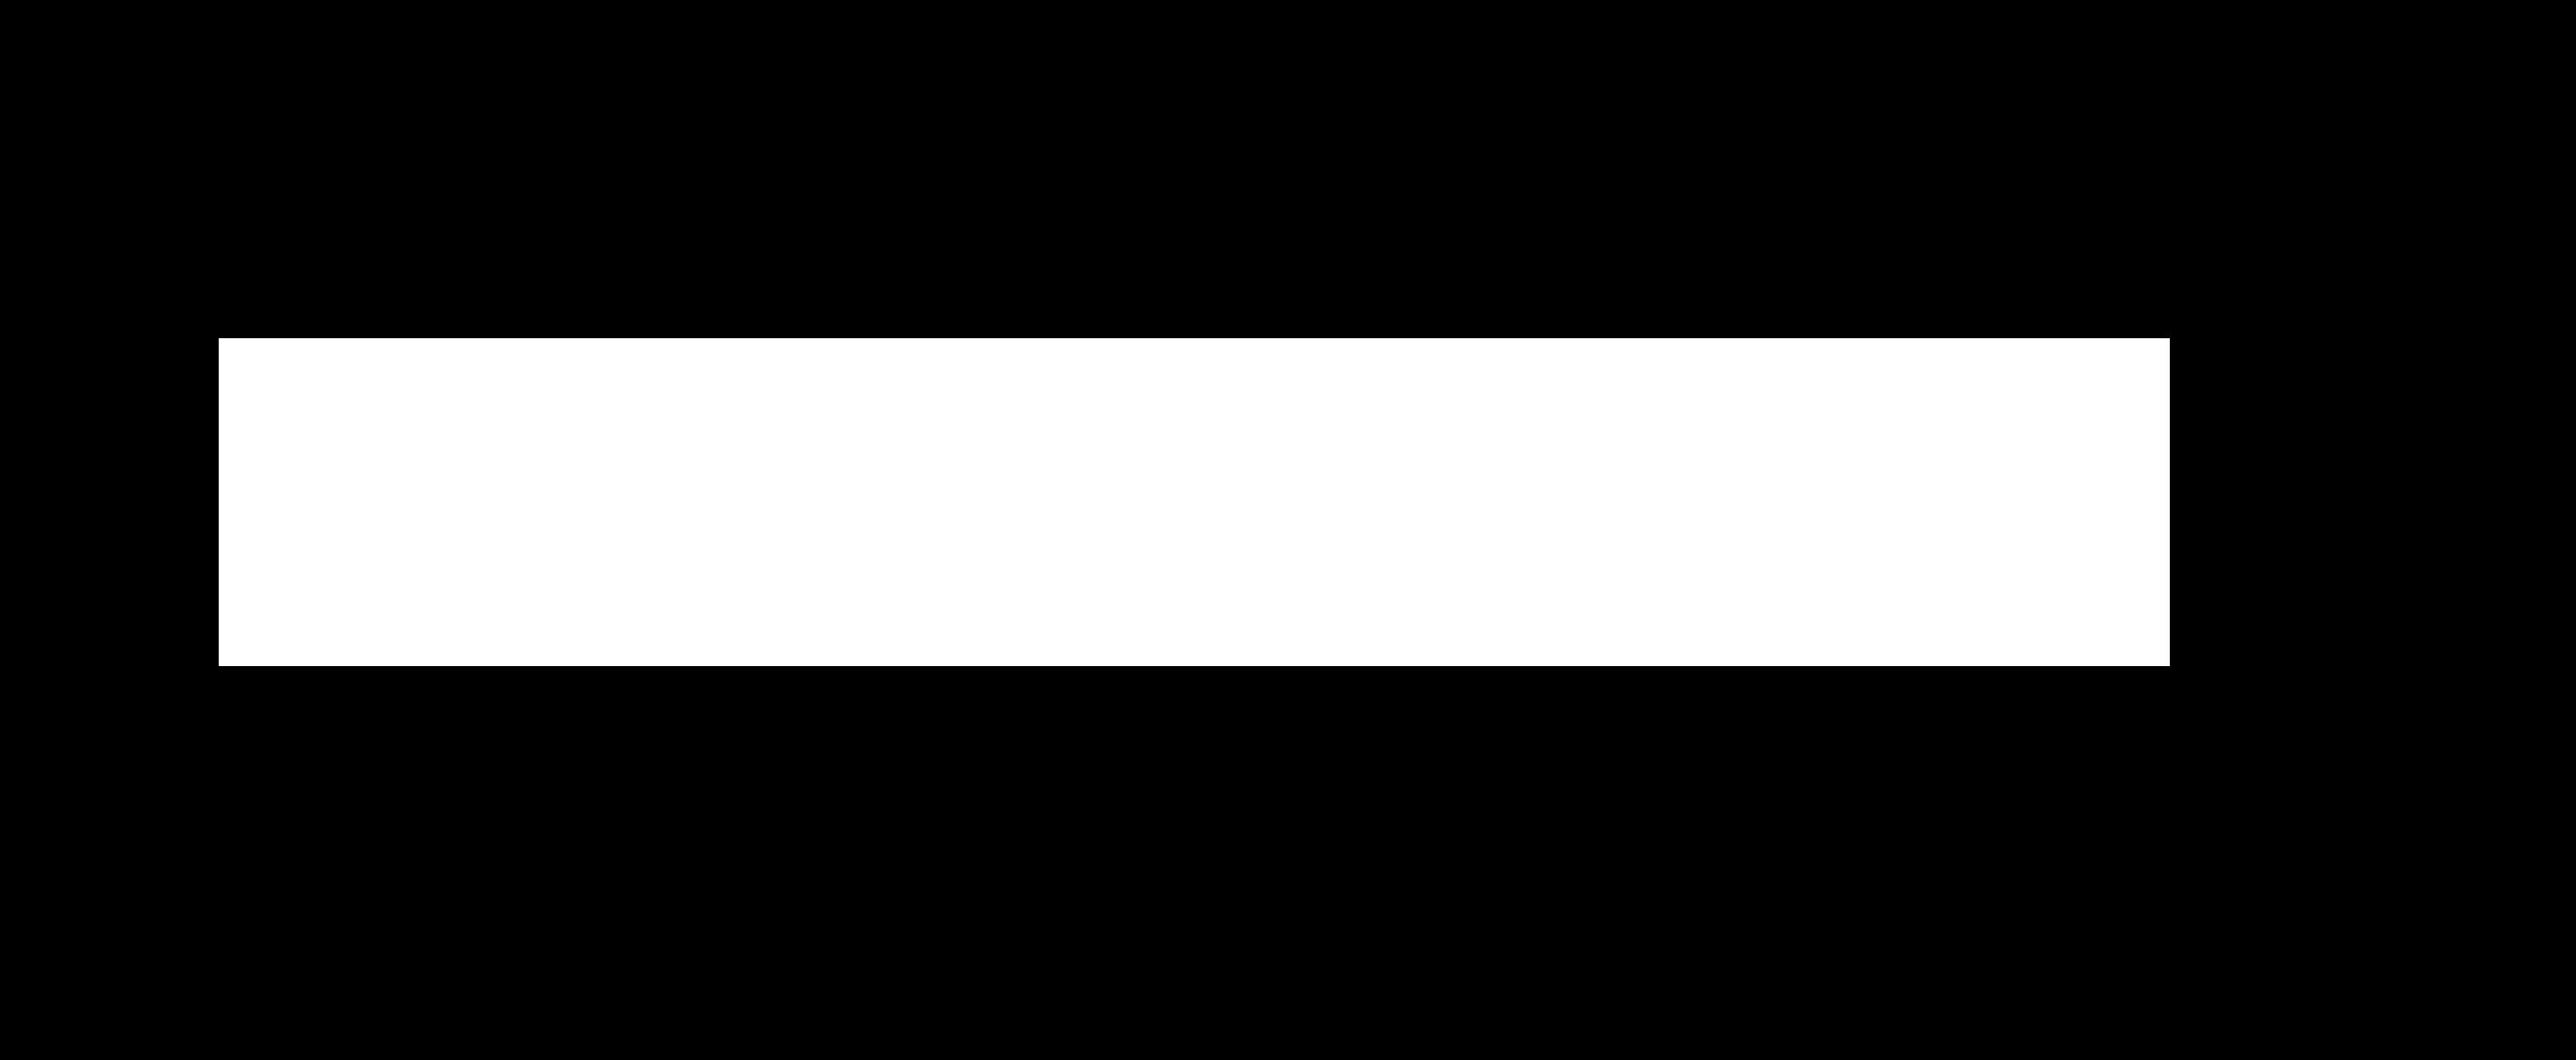 Ankerberg_Logo_-White_When_logo-1